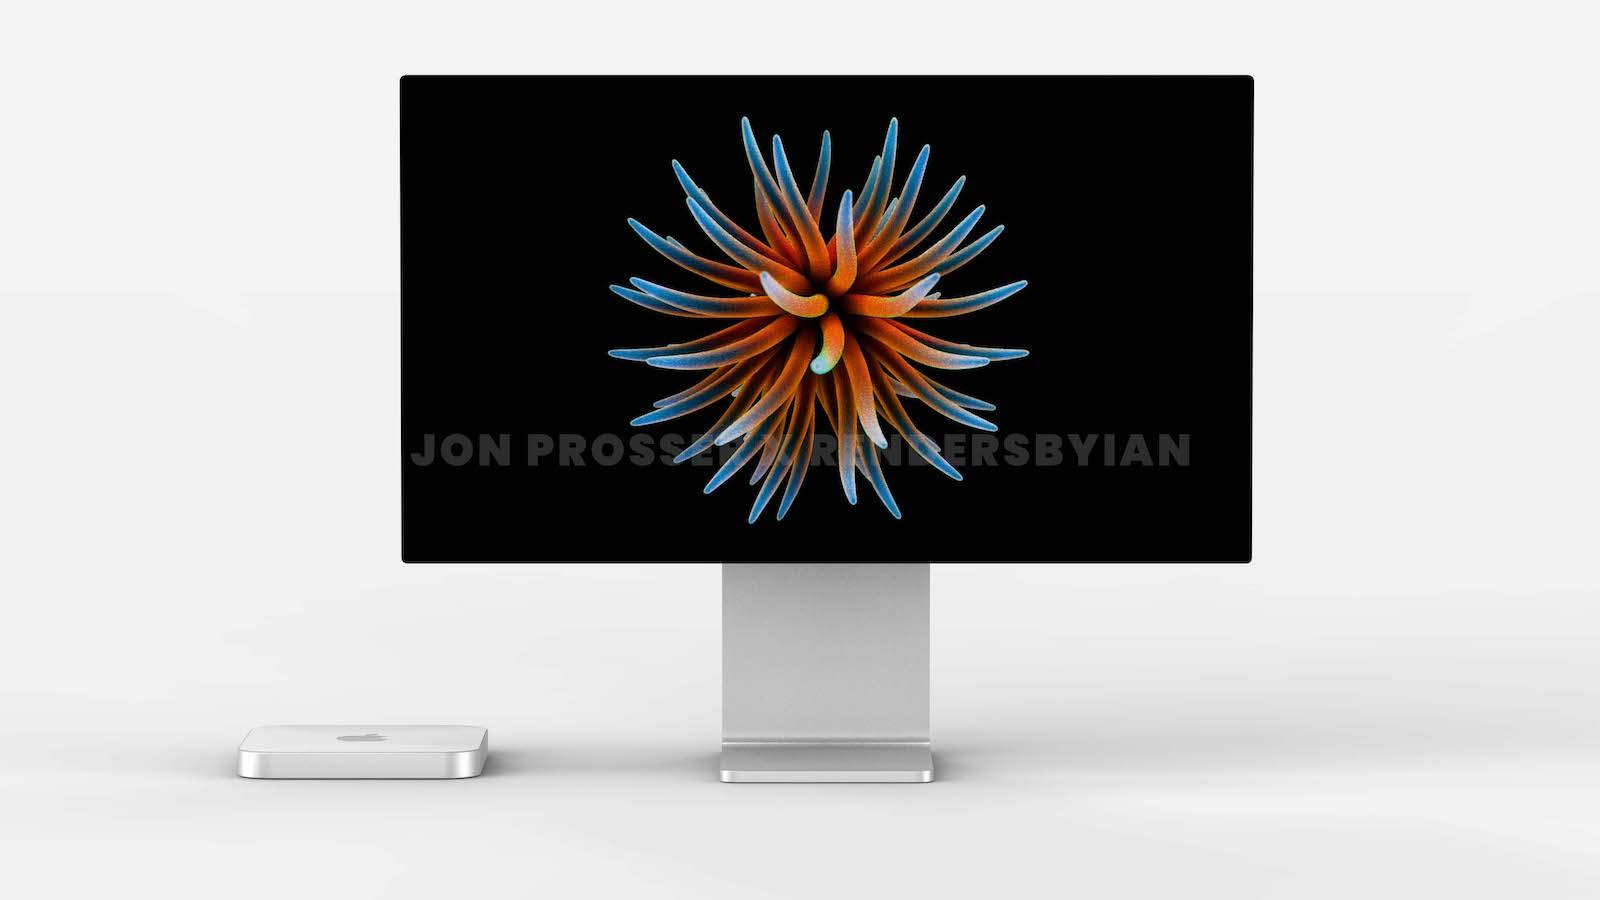 mac-mini-pro-display.jpg